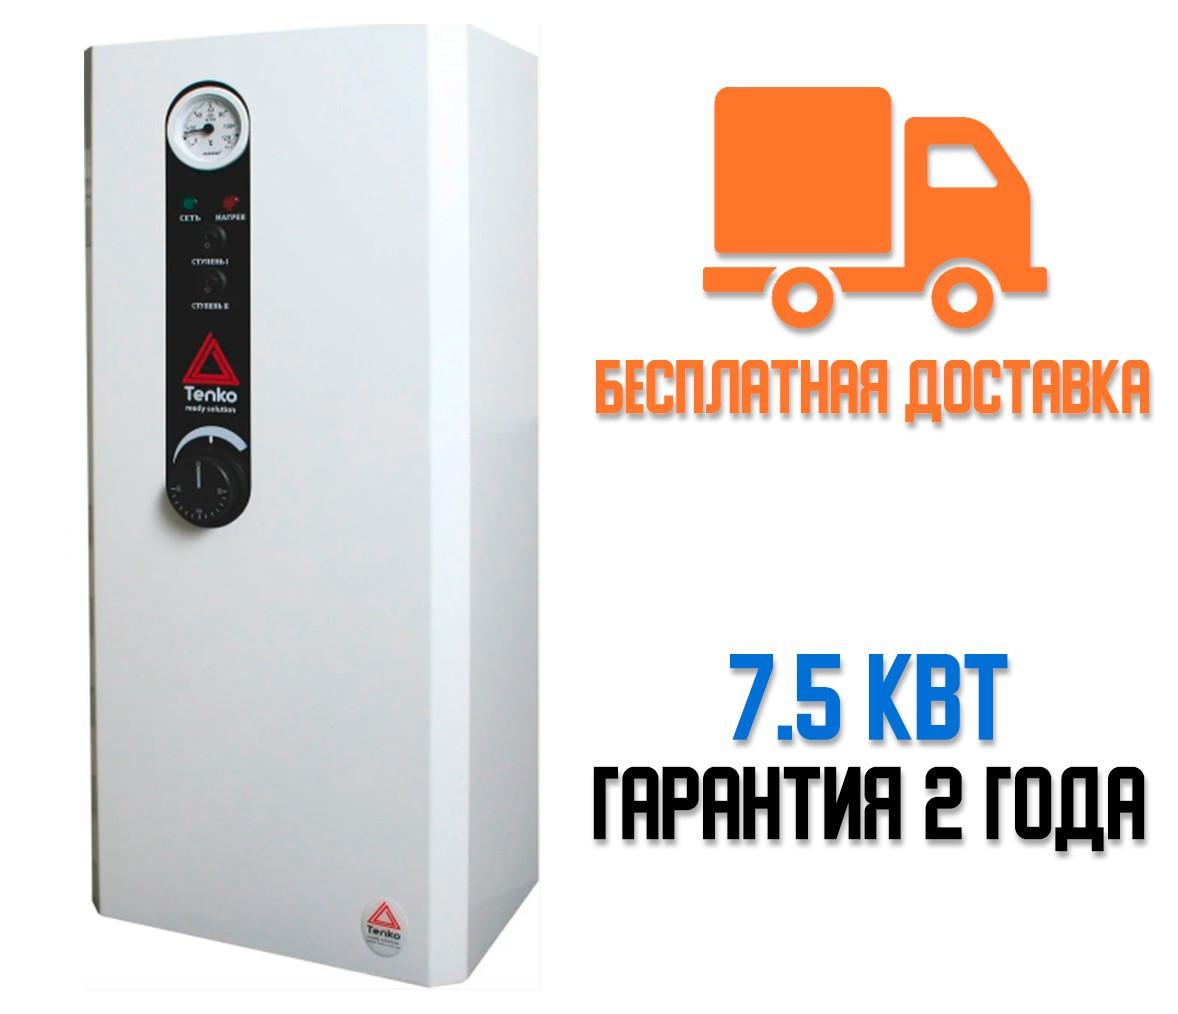 Котел электрический Tenko  7.5 кВт/380 стандарт Бесплатная доставка!